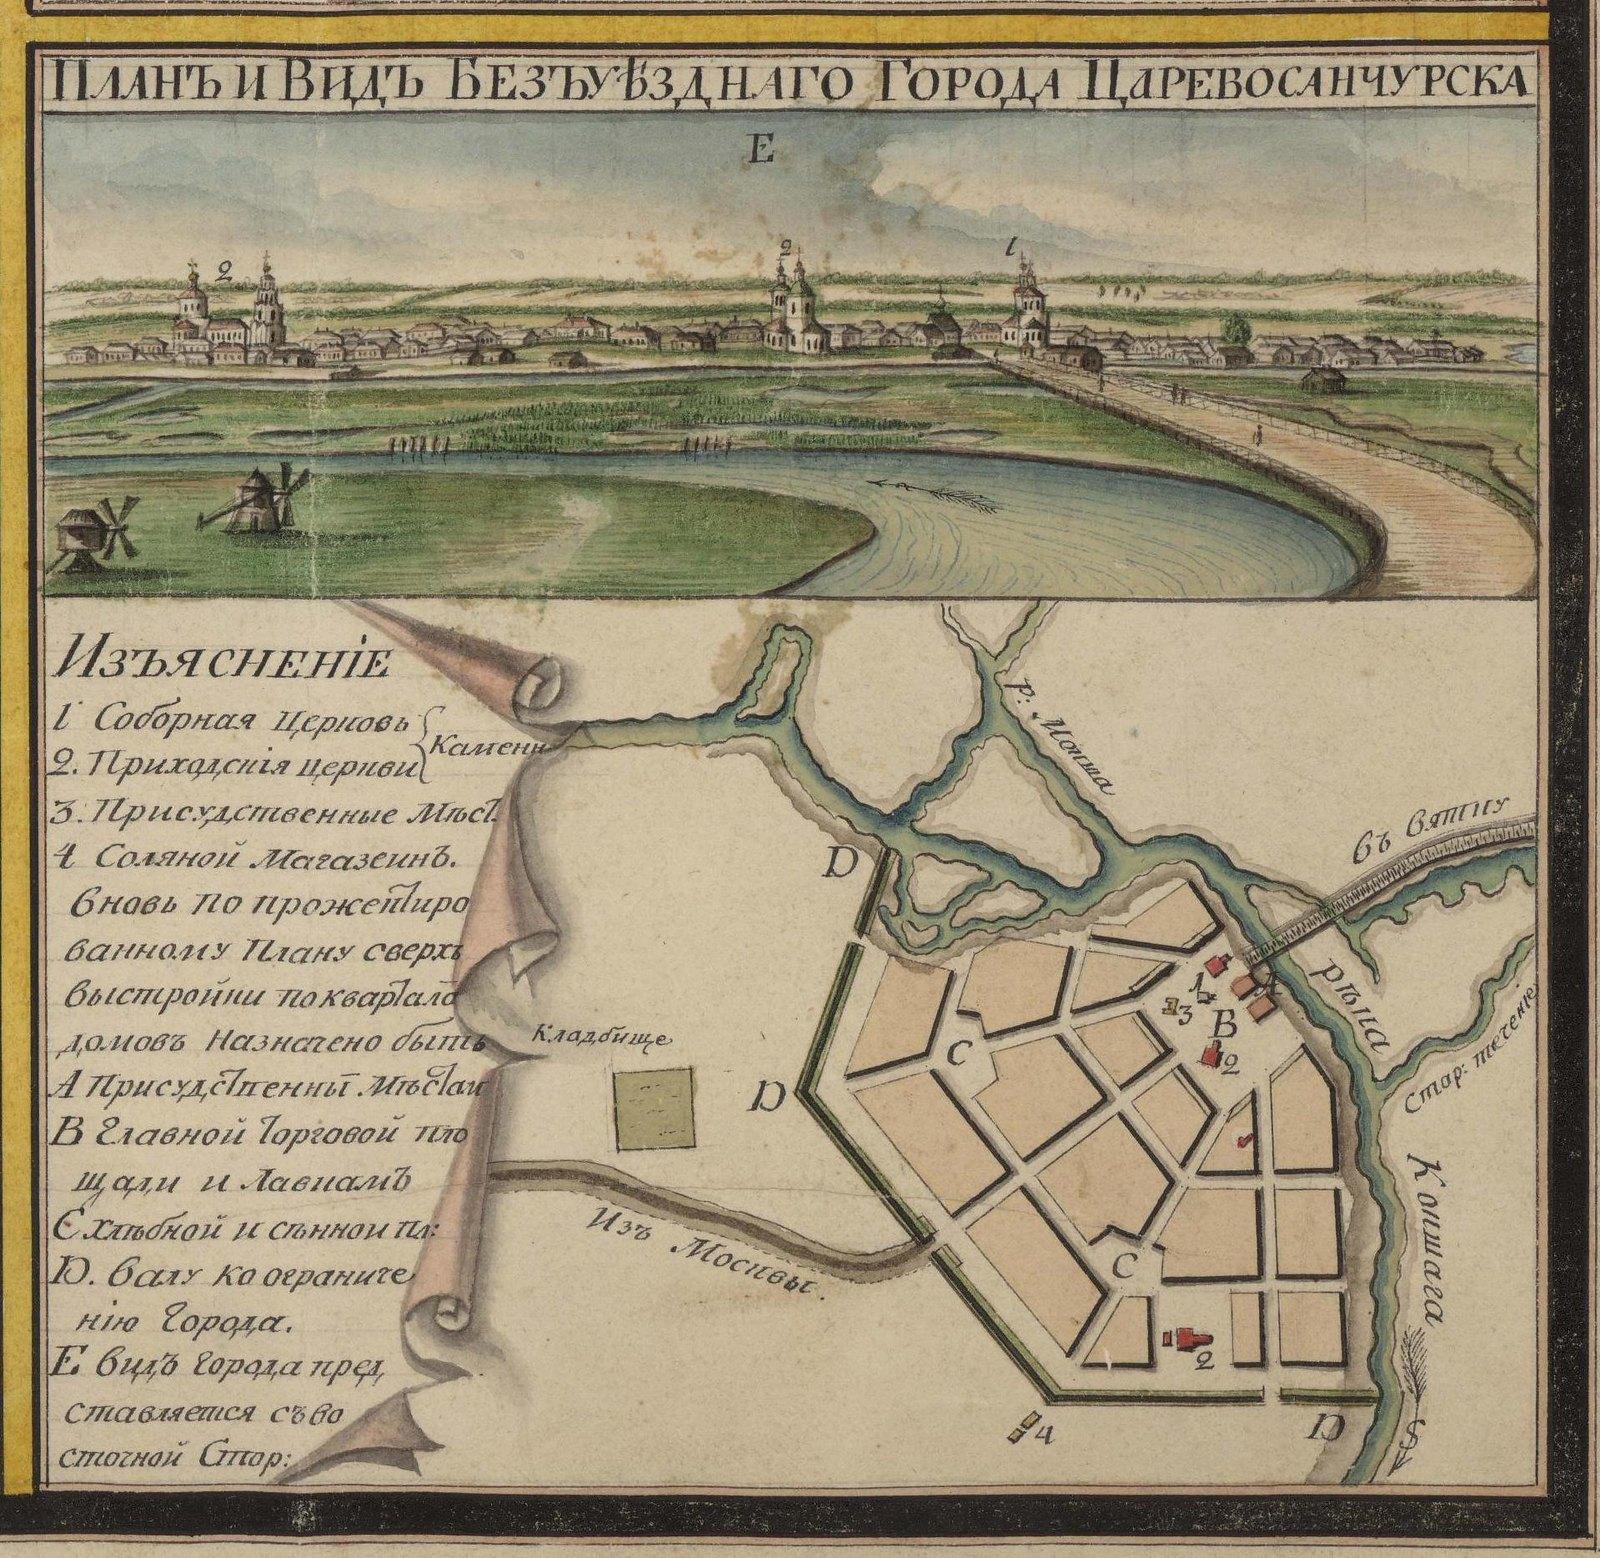 Генеральная карта Вятской губернии с планами и видами городов. 1806 - Copy (12)